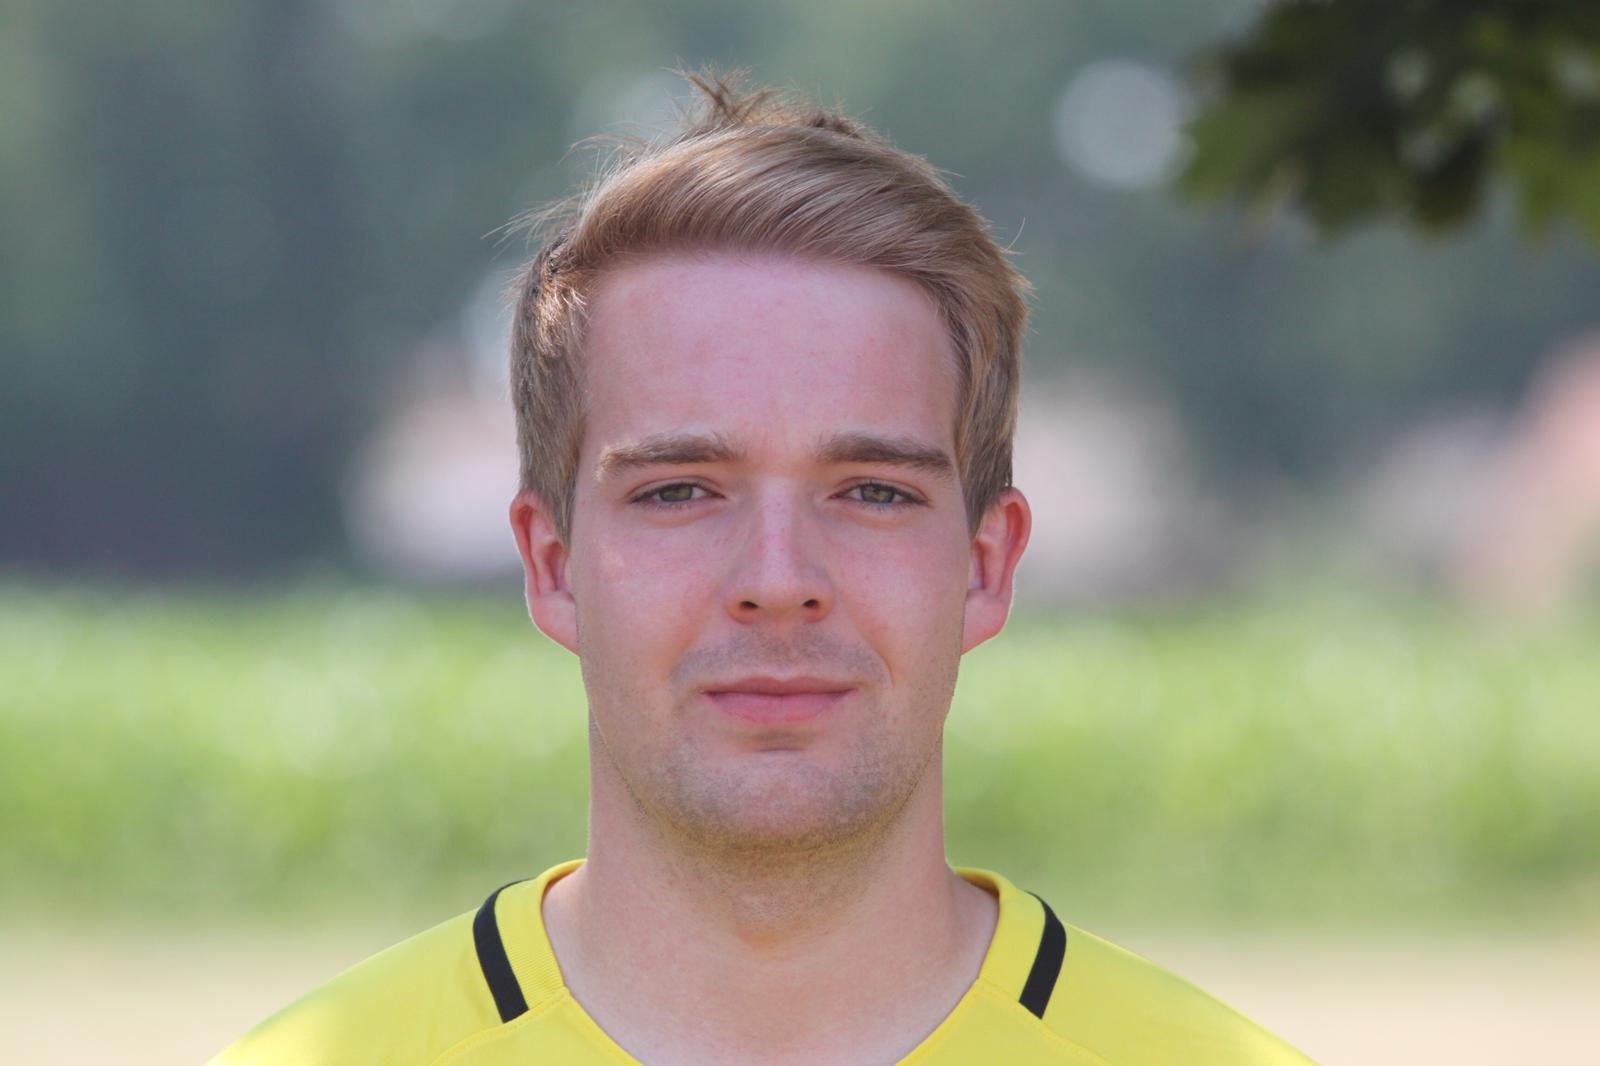 Lennart Meier